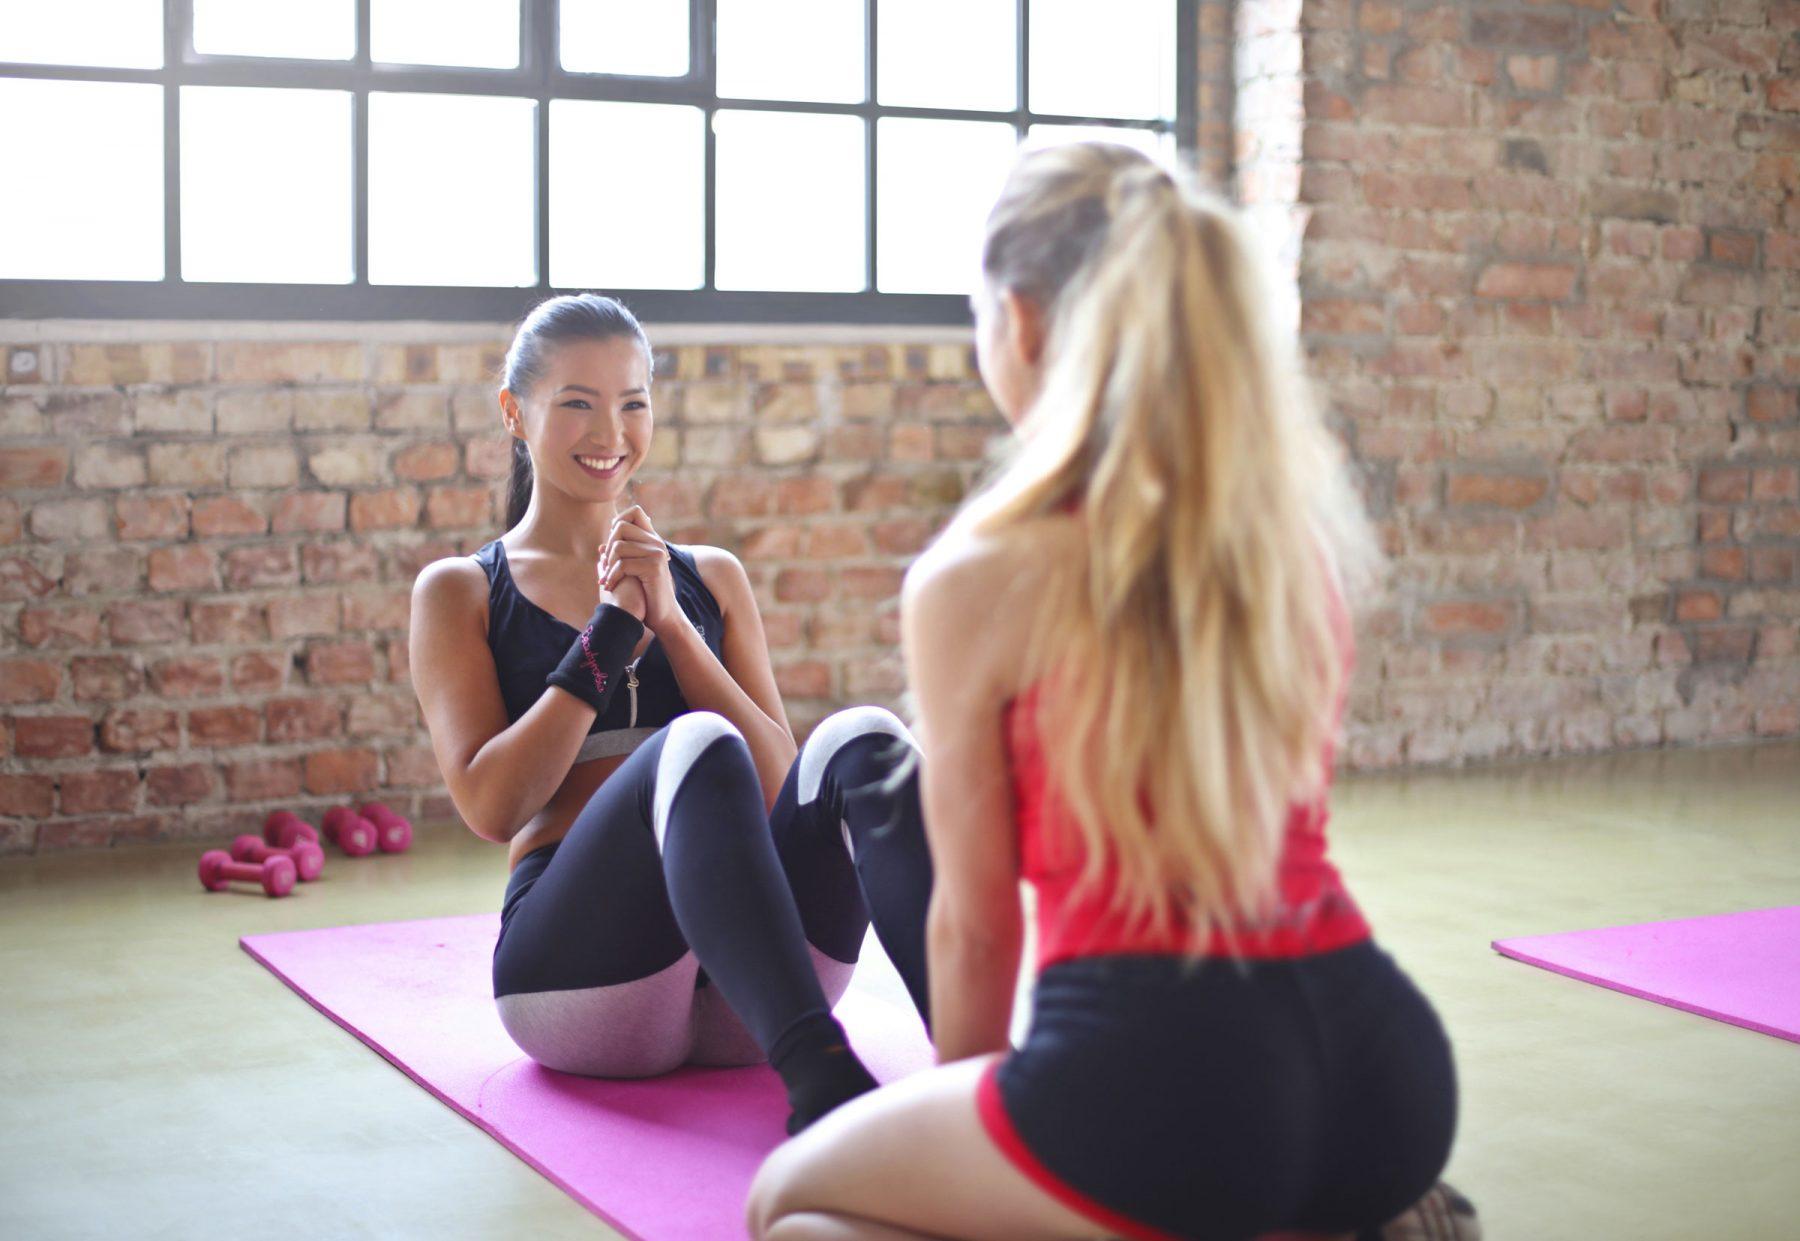 como bajar de peso en una semana haciendo ejercicio quemandose